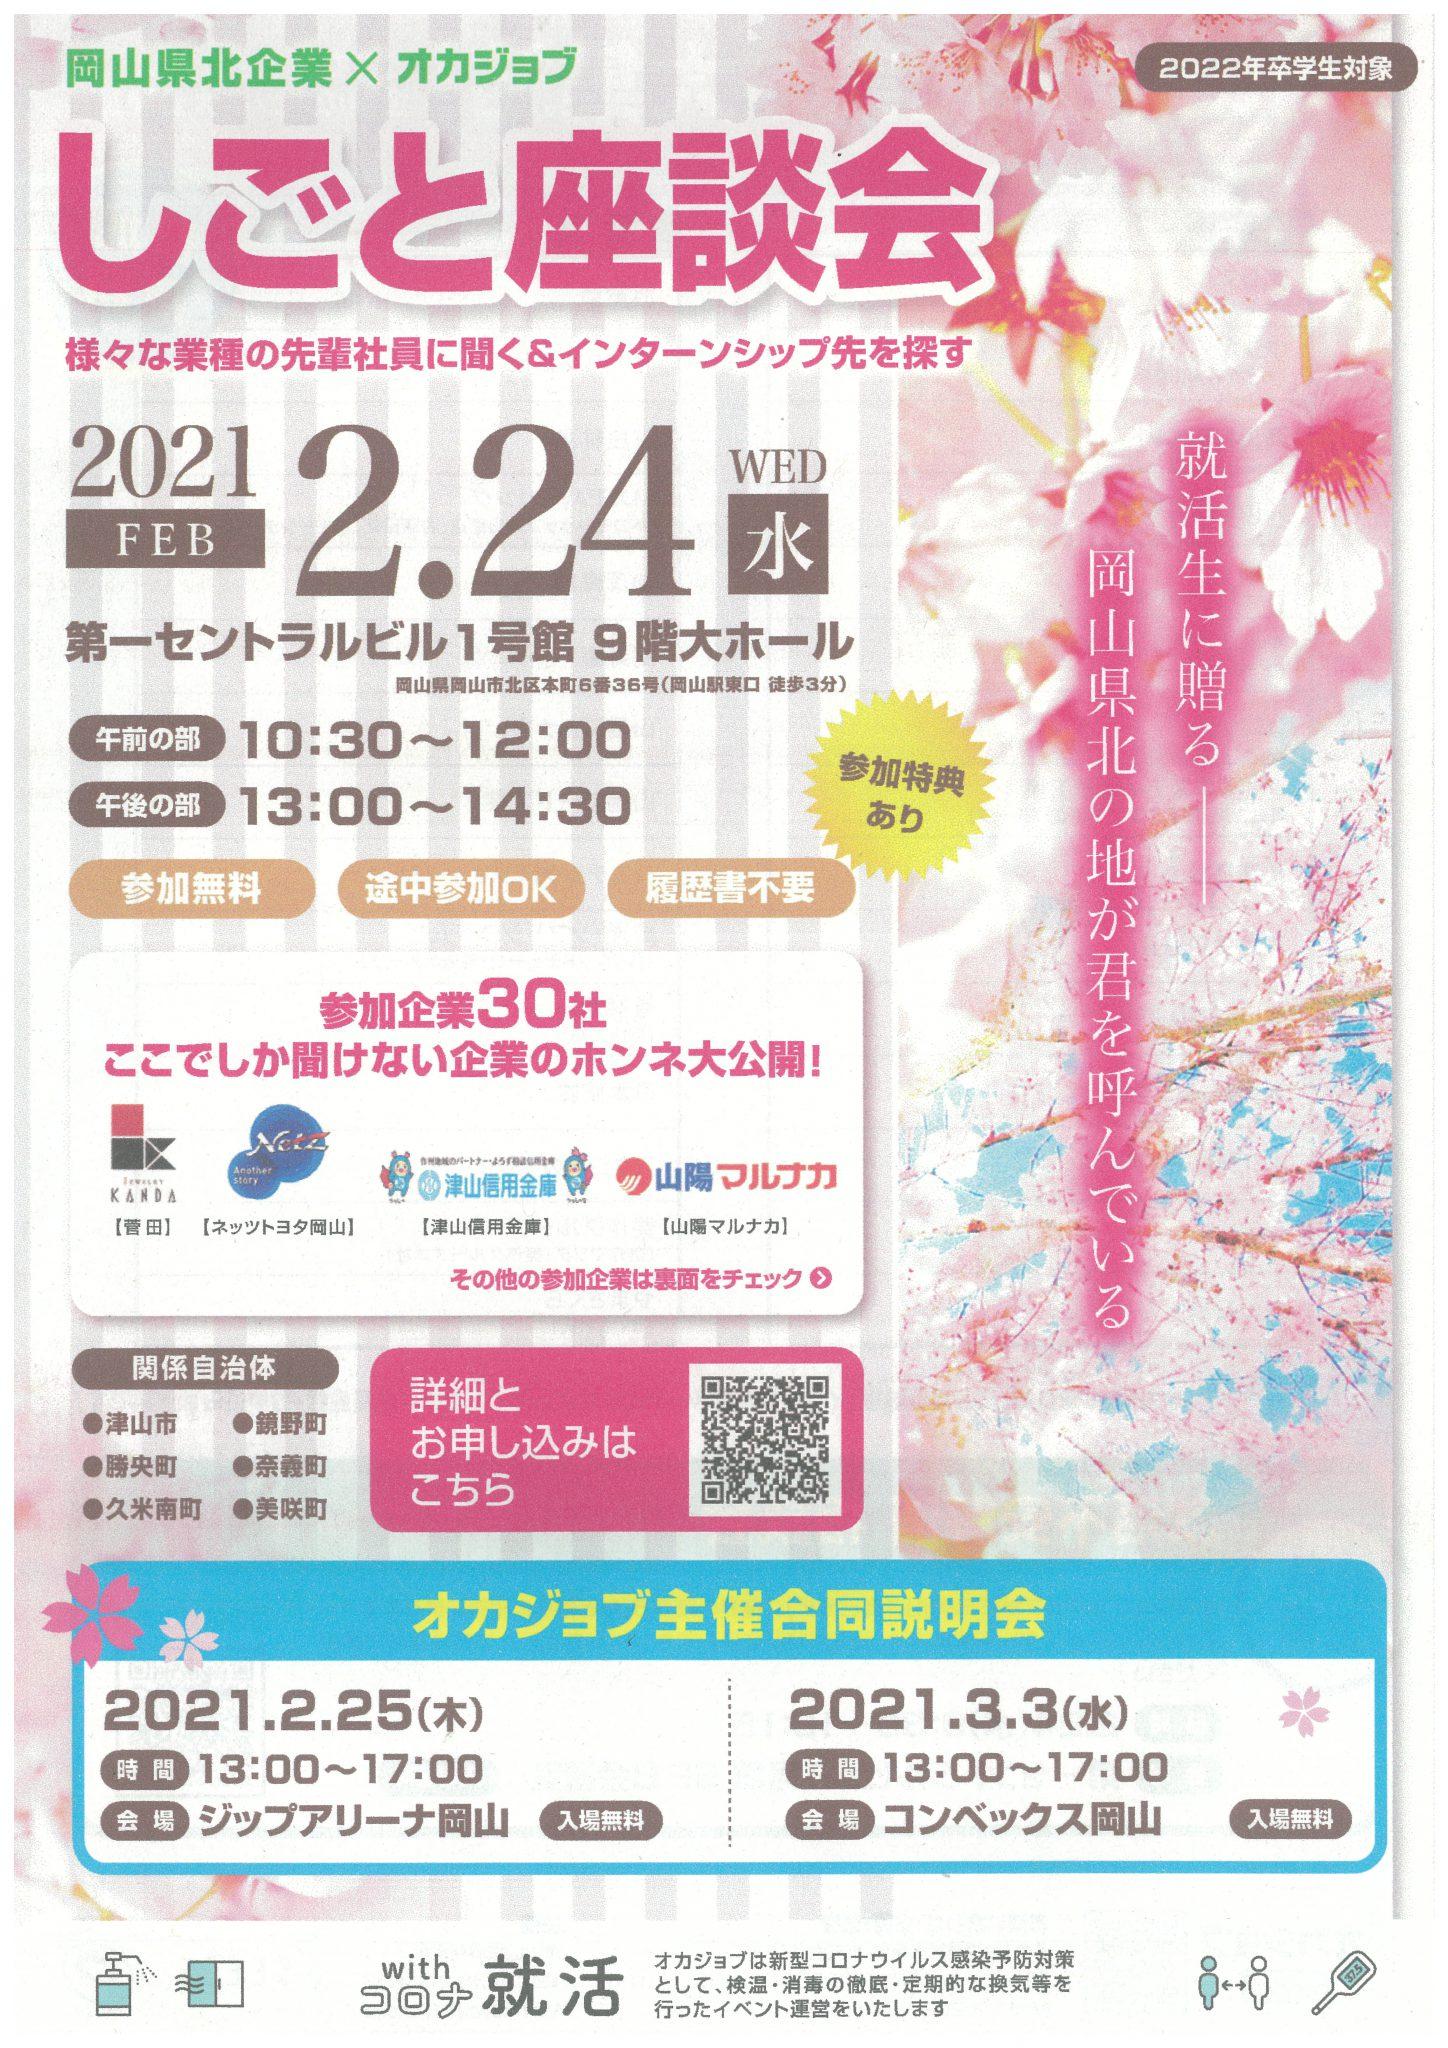 津山広域事務組合主催の『しごと座談会』に参加します。